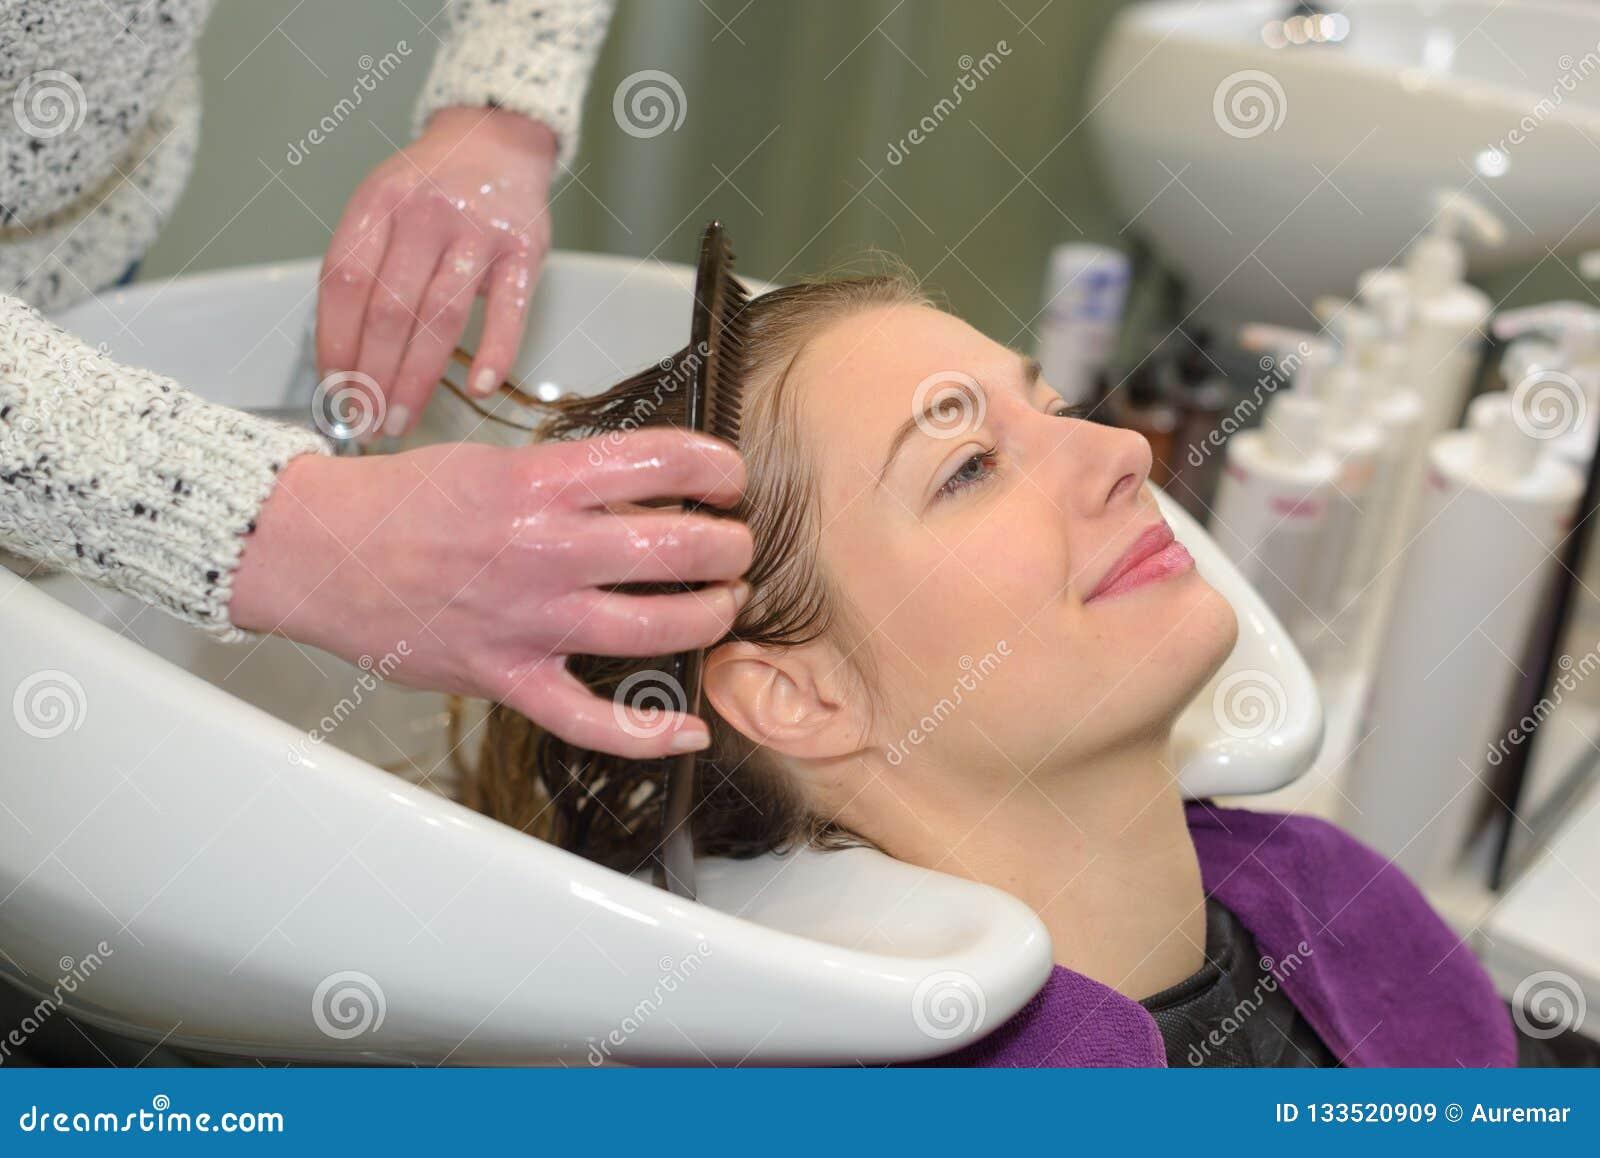 Haarpflege im modernen Badekurortsalon